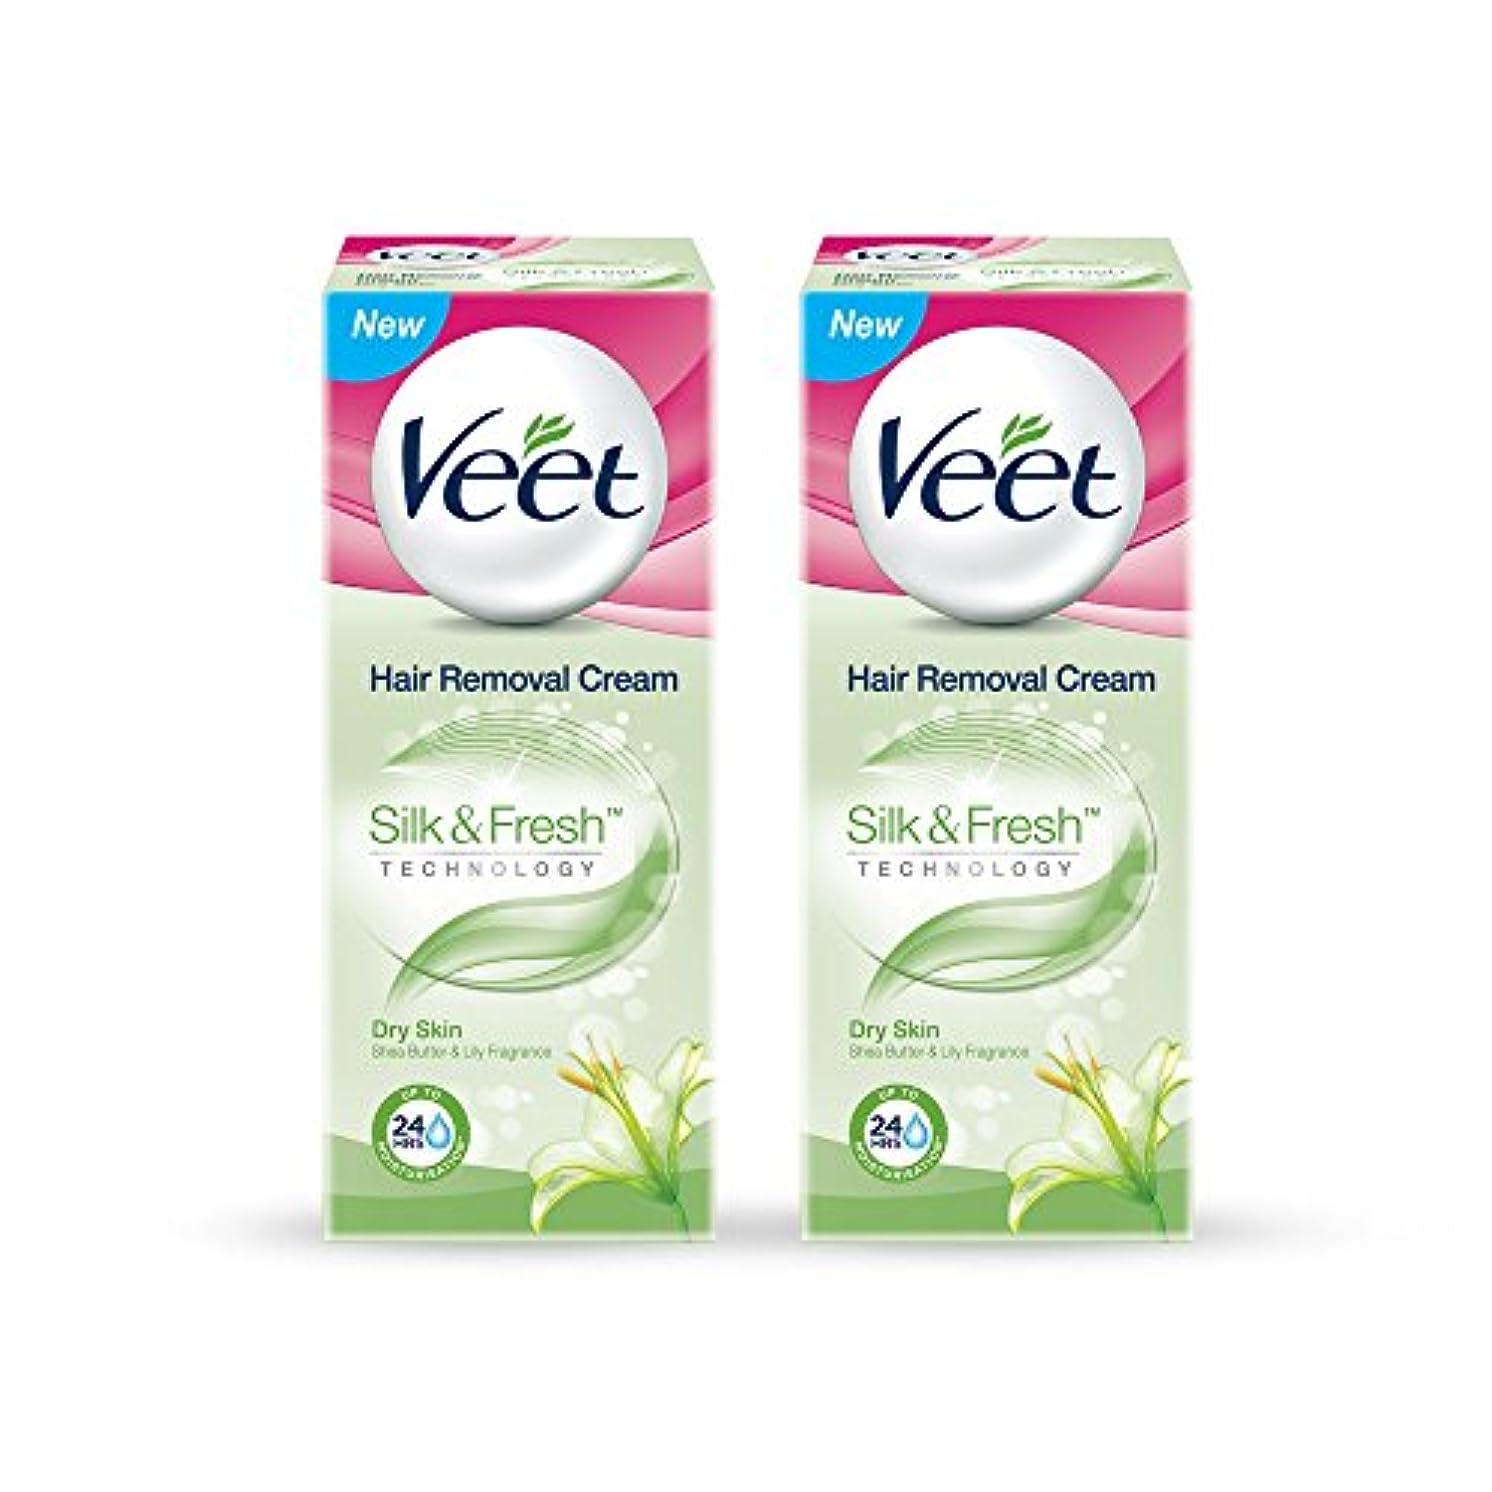 収束する意志独立してVeet Hair Removal Gel Cream for Dry Skin with Shea Butter & Lily Fragrance 25 g (Pack of 2)